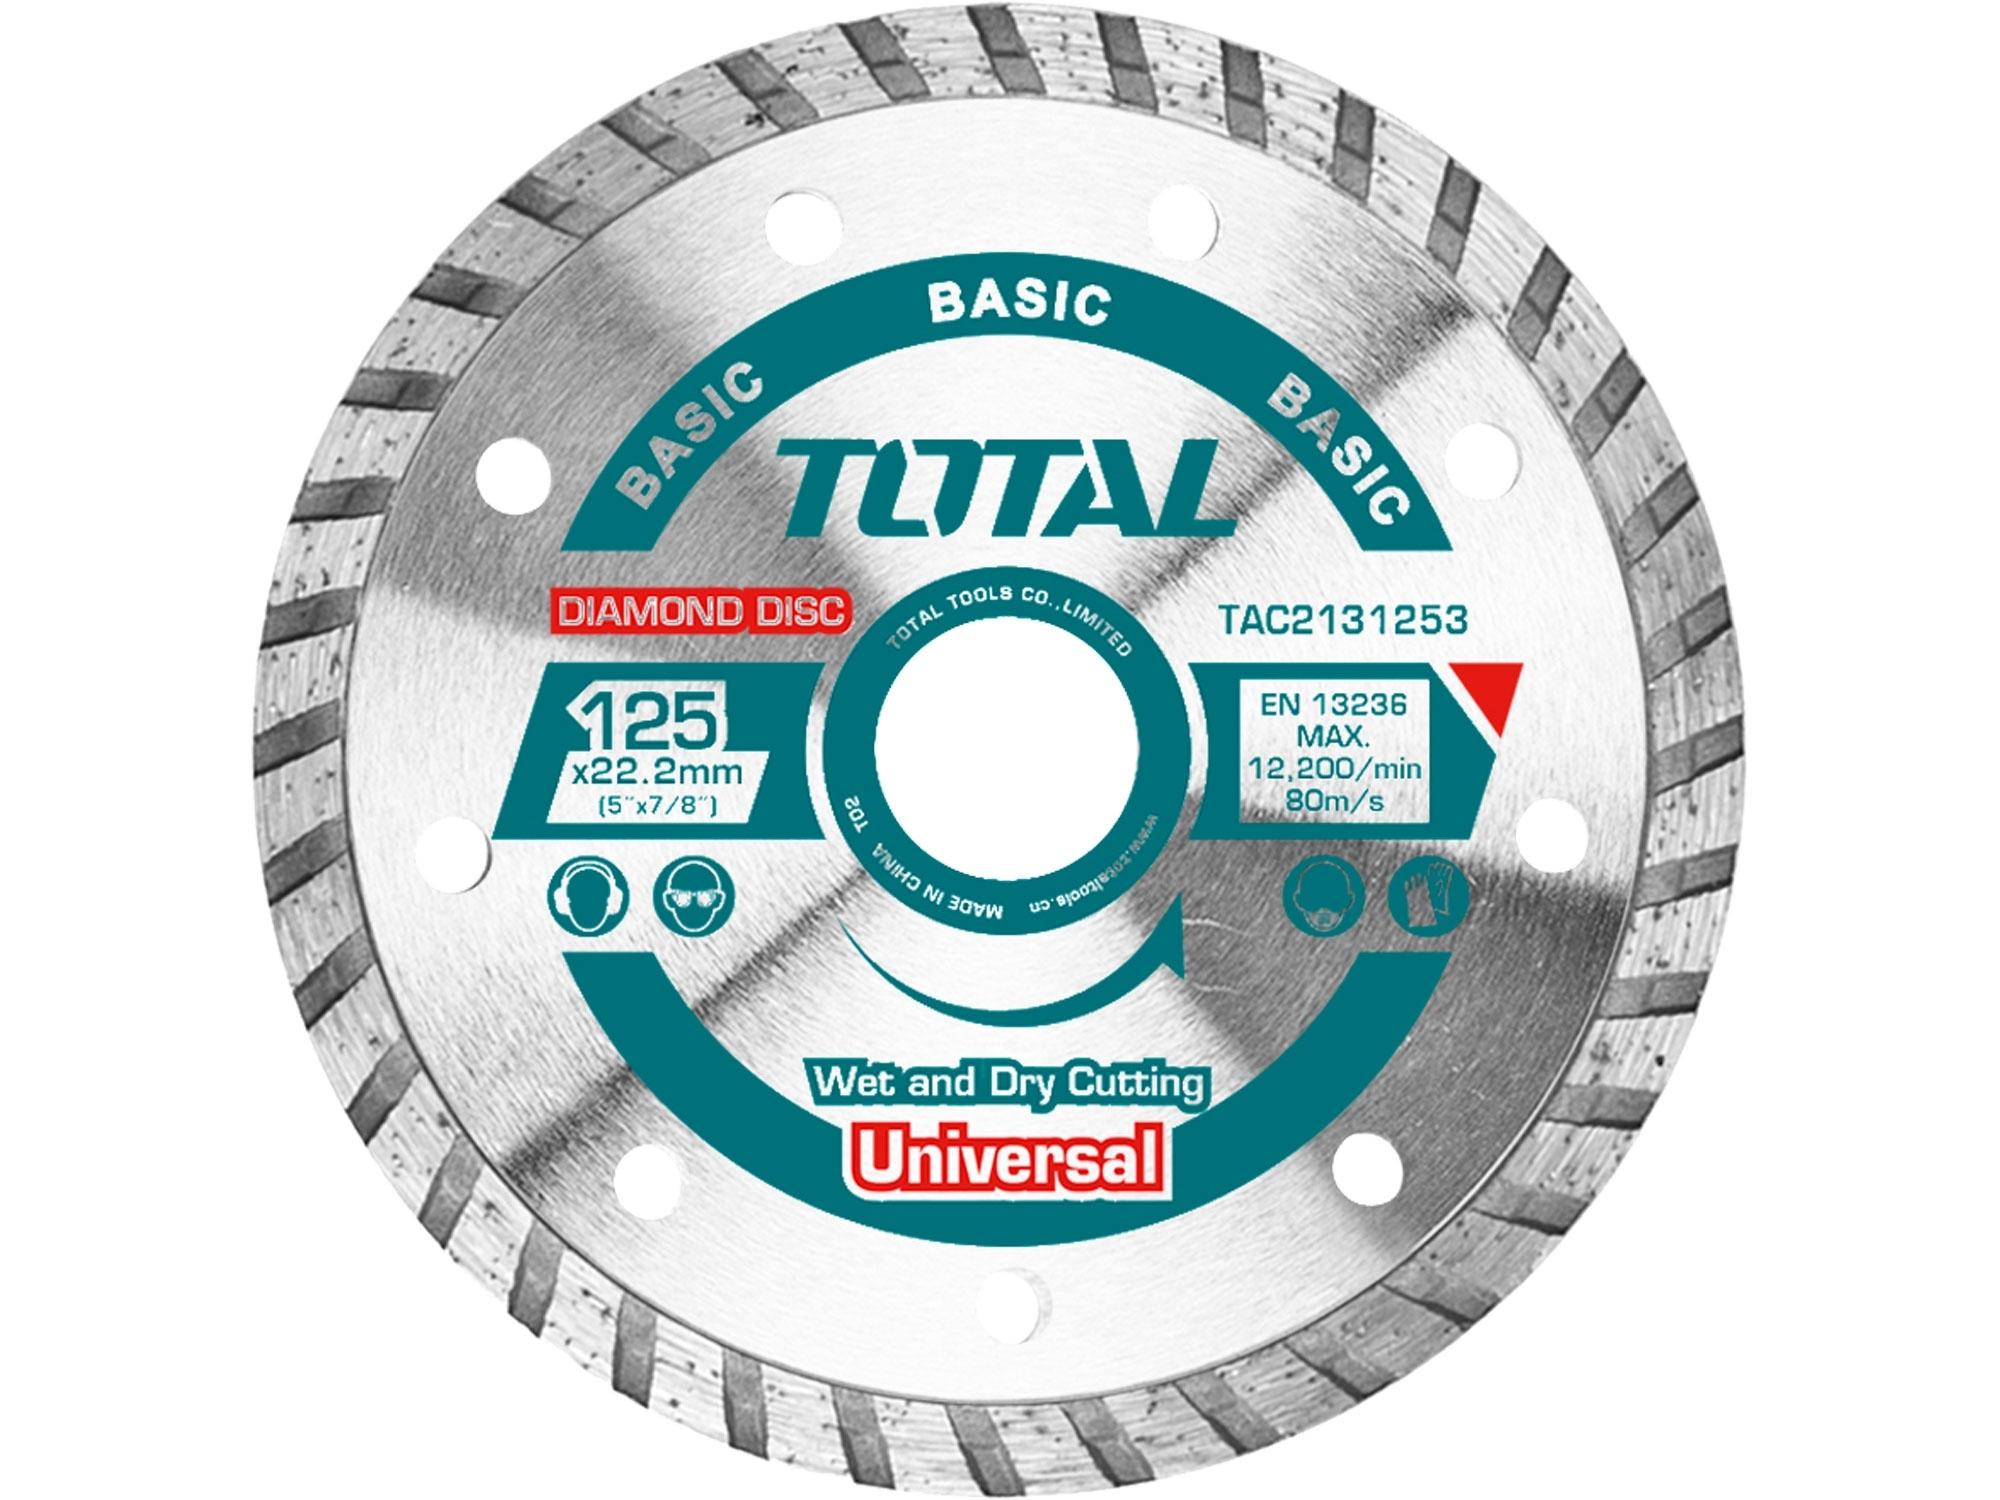 TOTAL TAC2132303 Kotouč diamantový řezný, Turbo, suché i mokré řezání, 230x22,2mm